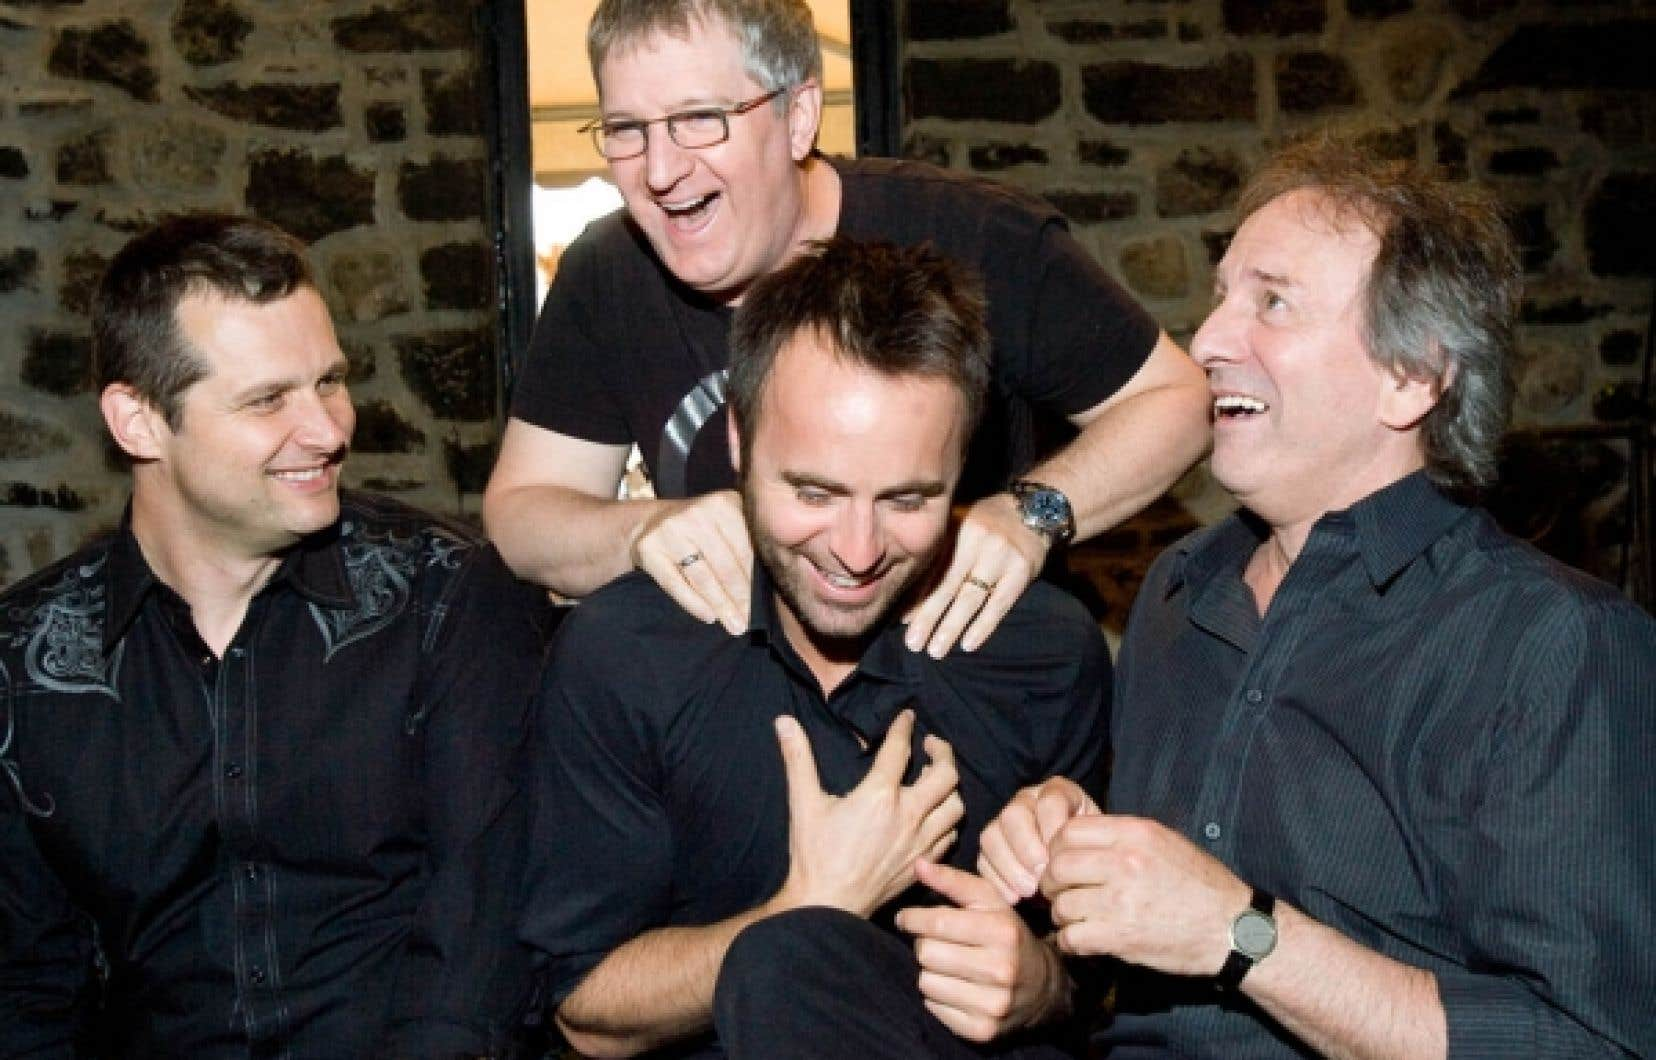 Le réalisateur du Sens de l'humour, Émile Gaudreault, en compagnie des comédiens Louis-José Houde, Benoît Brière et Michel Côté.<br />